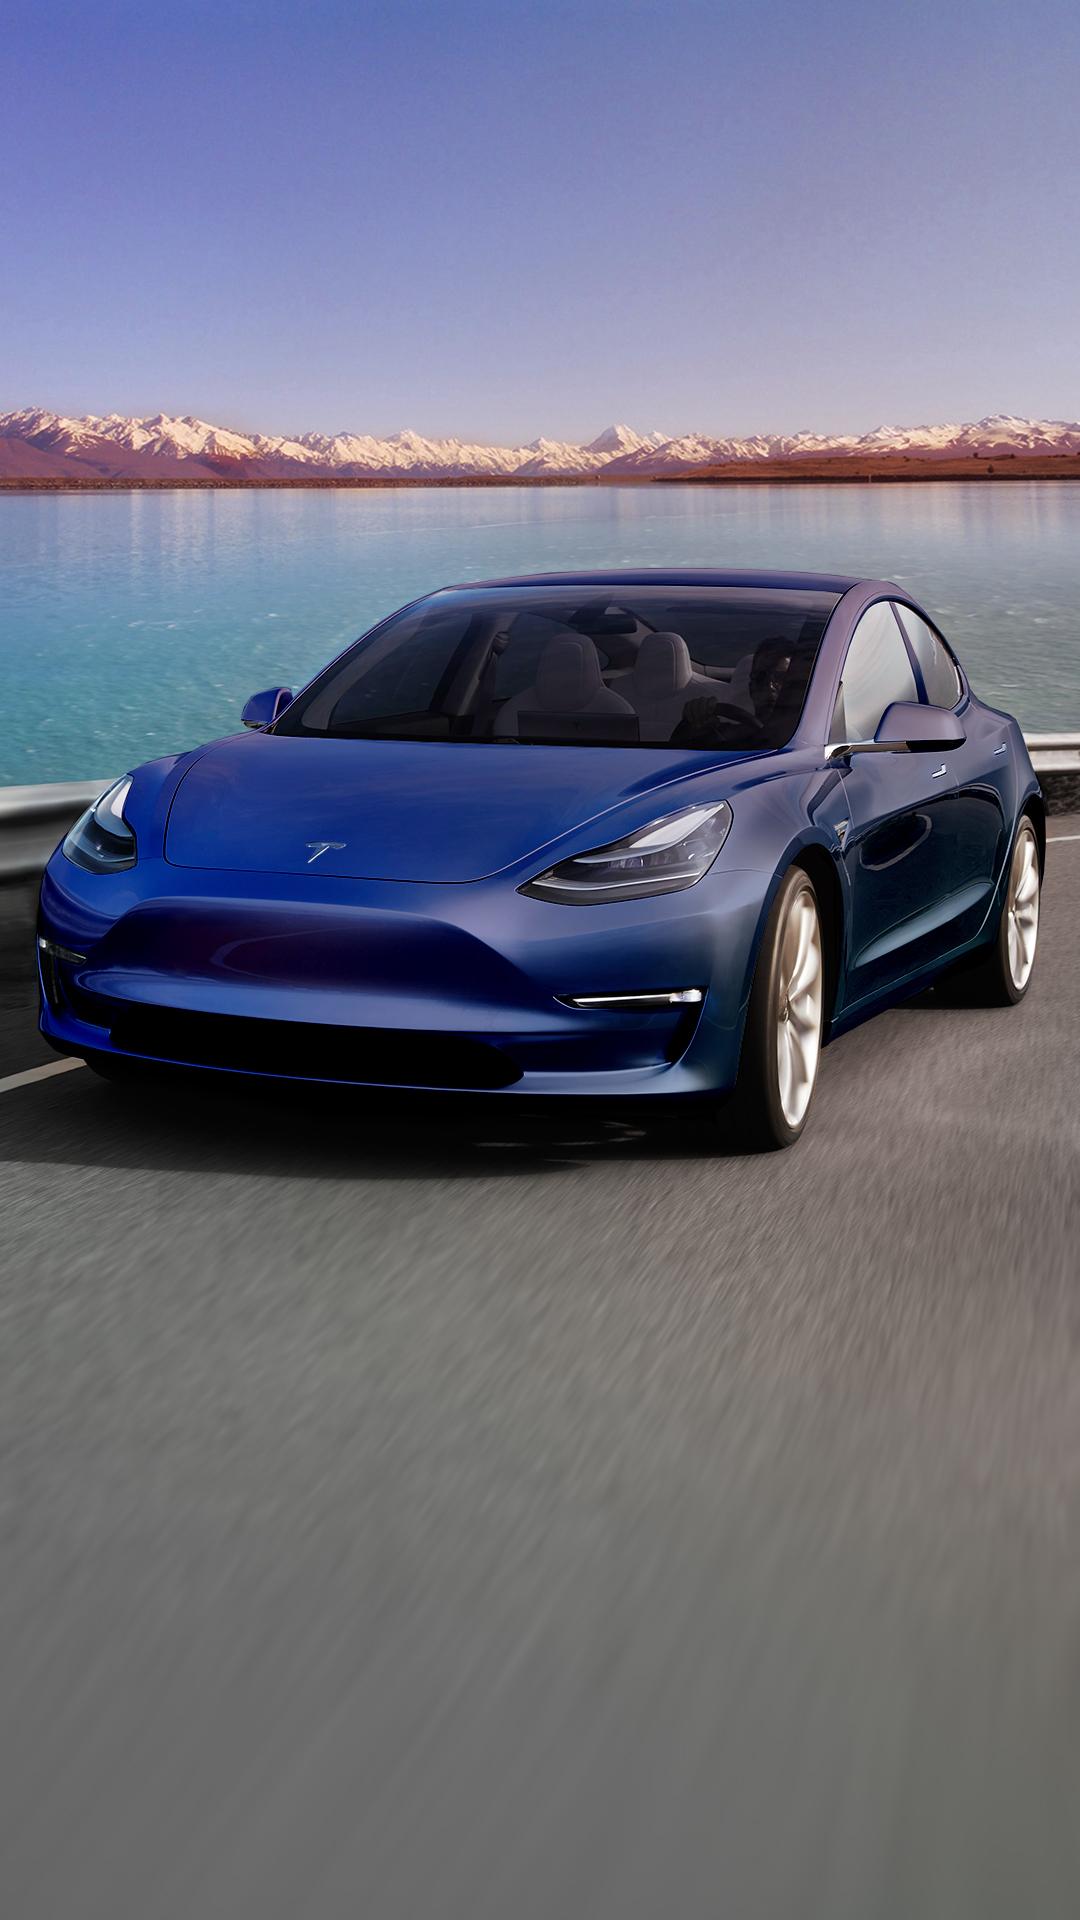 Tesla model 3 phone   Album on Imgur 1080x1920